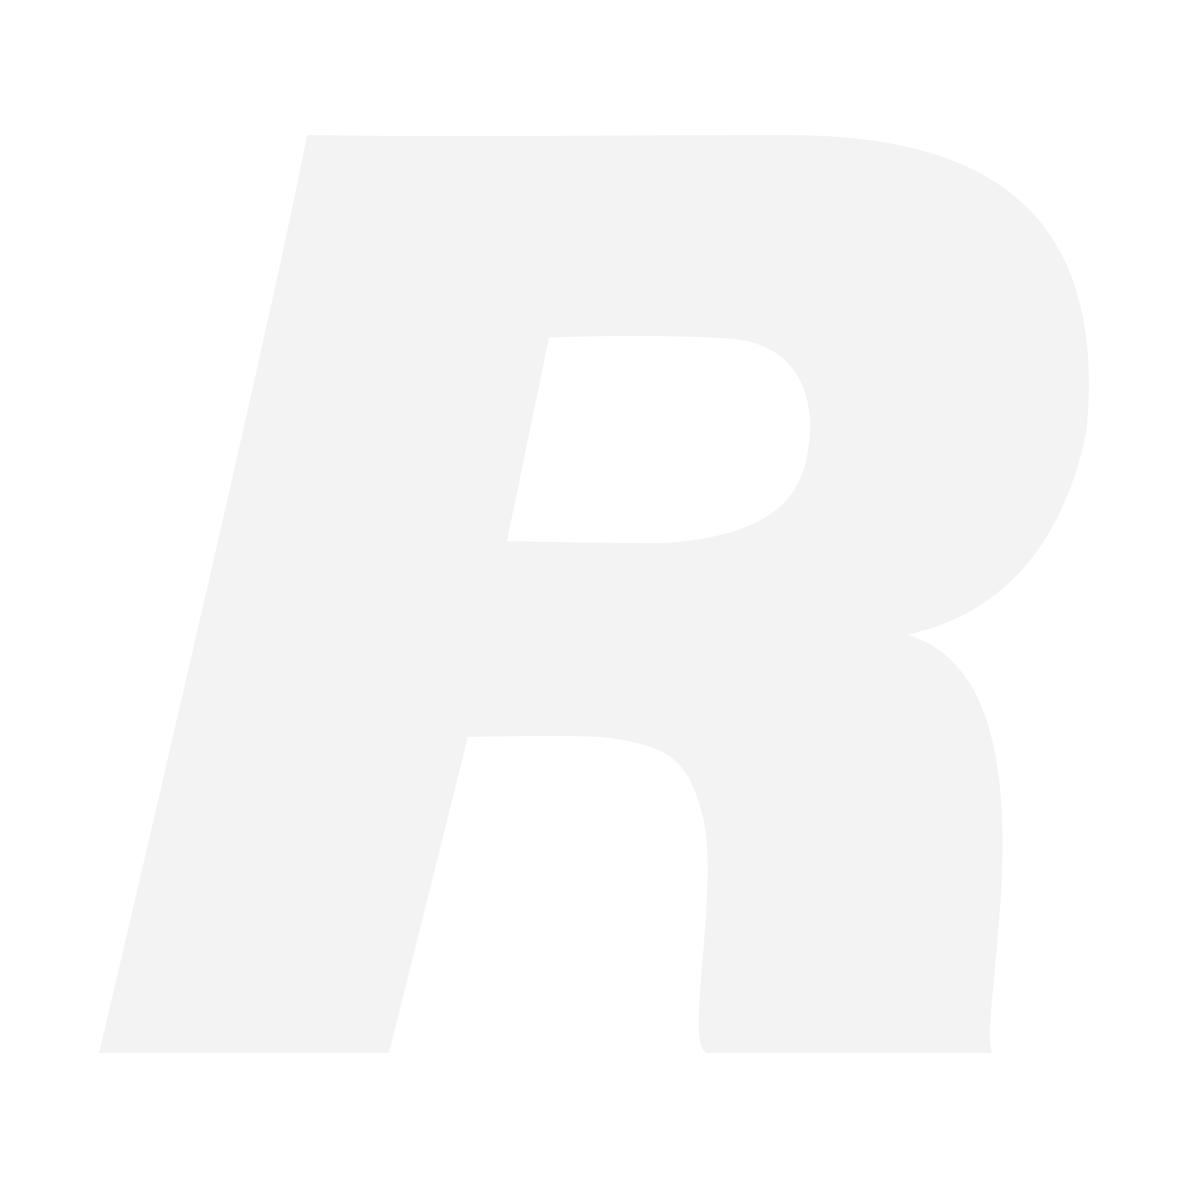 Osta Sony A7R Mark III -järjestelmäkamera, anna vaihdossa Sony A7R Mark II